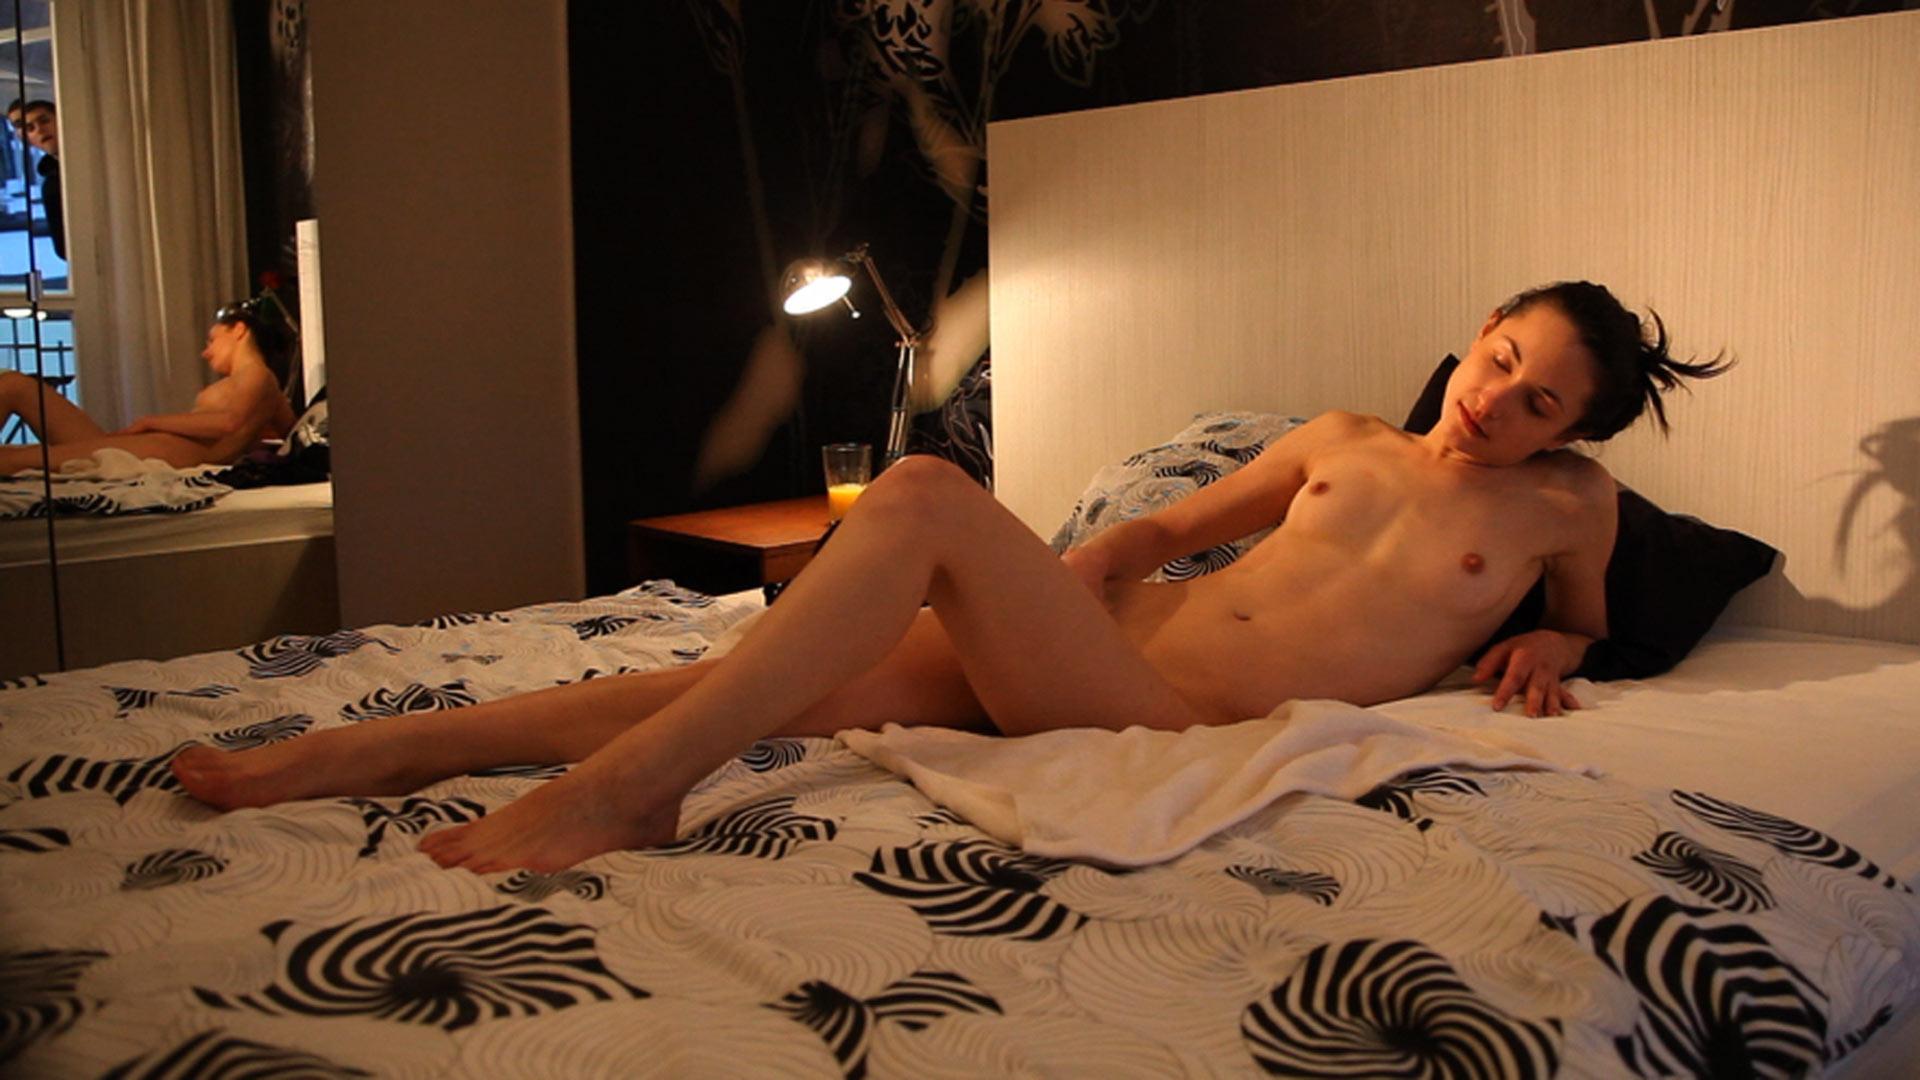 seitensprung hotel köln die erotische geschichte